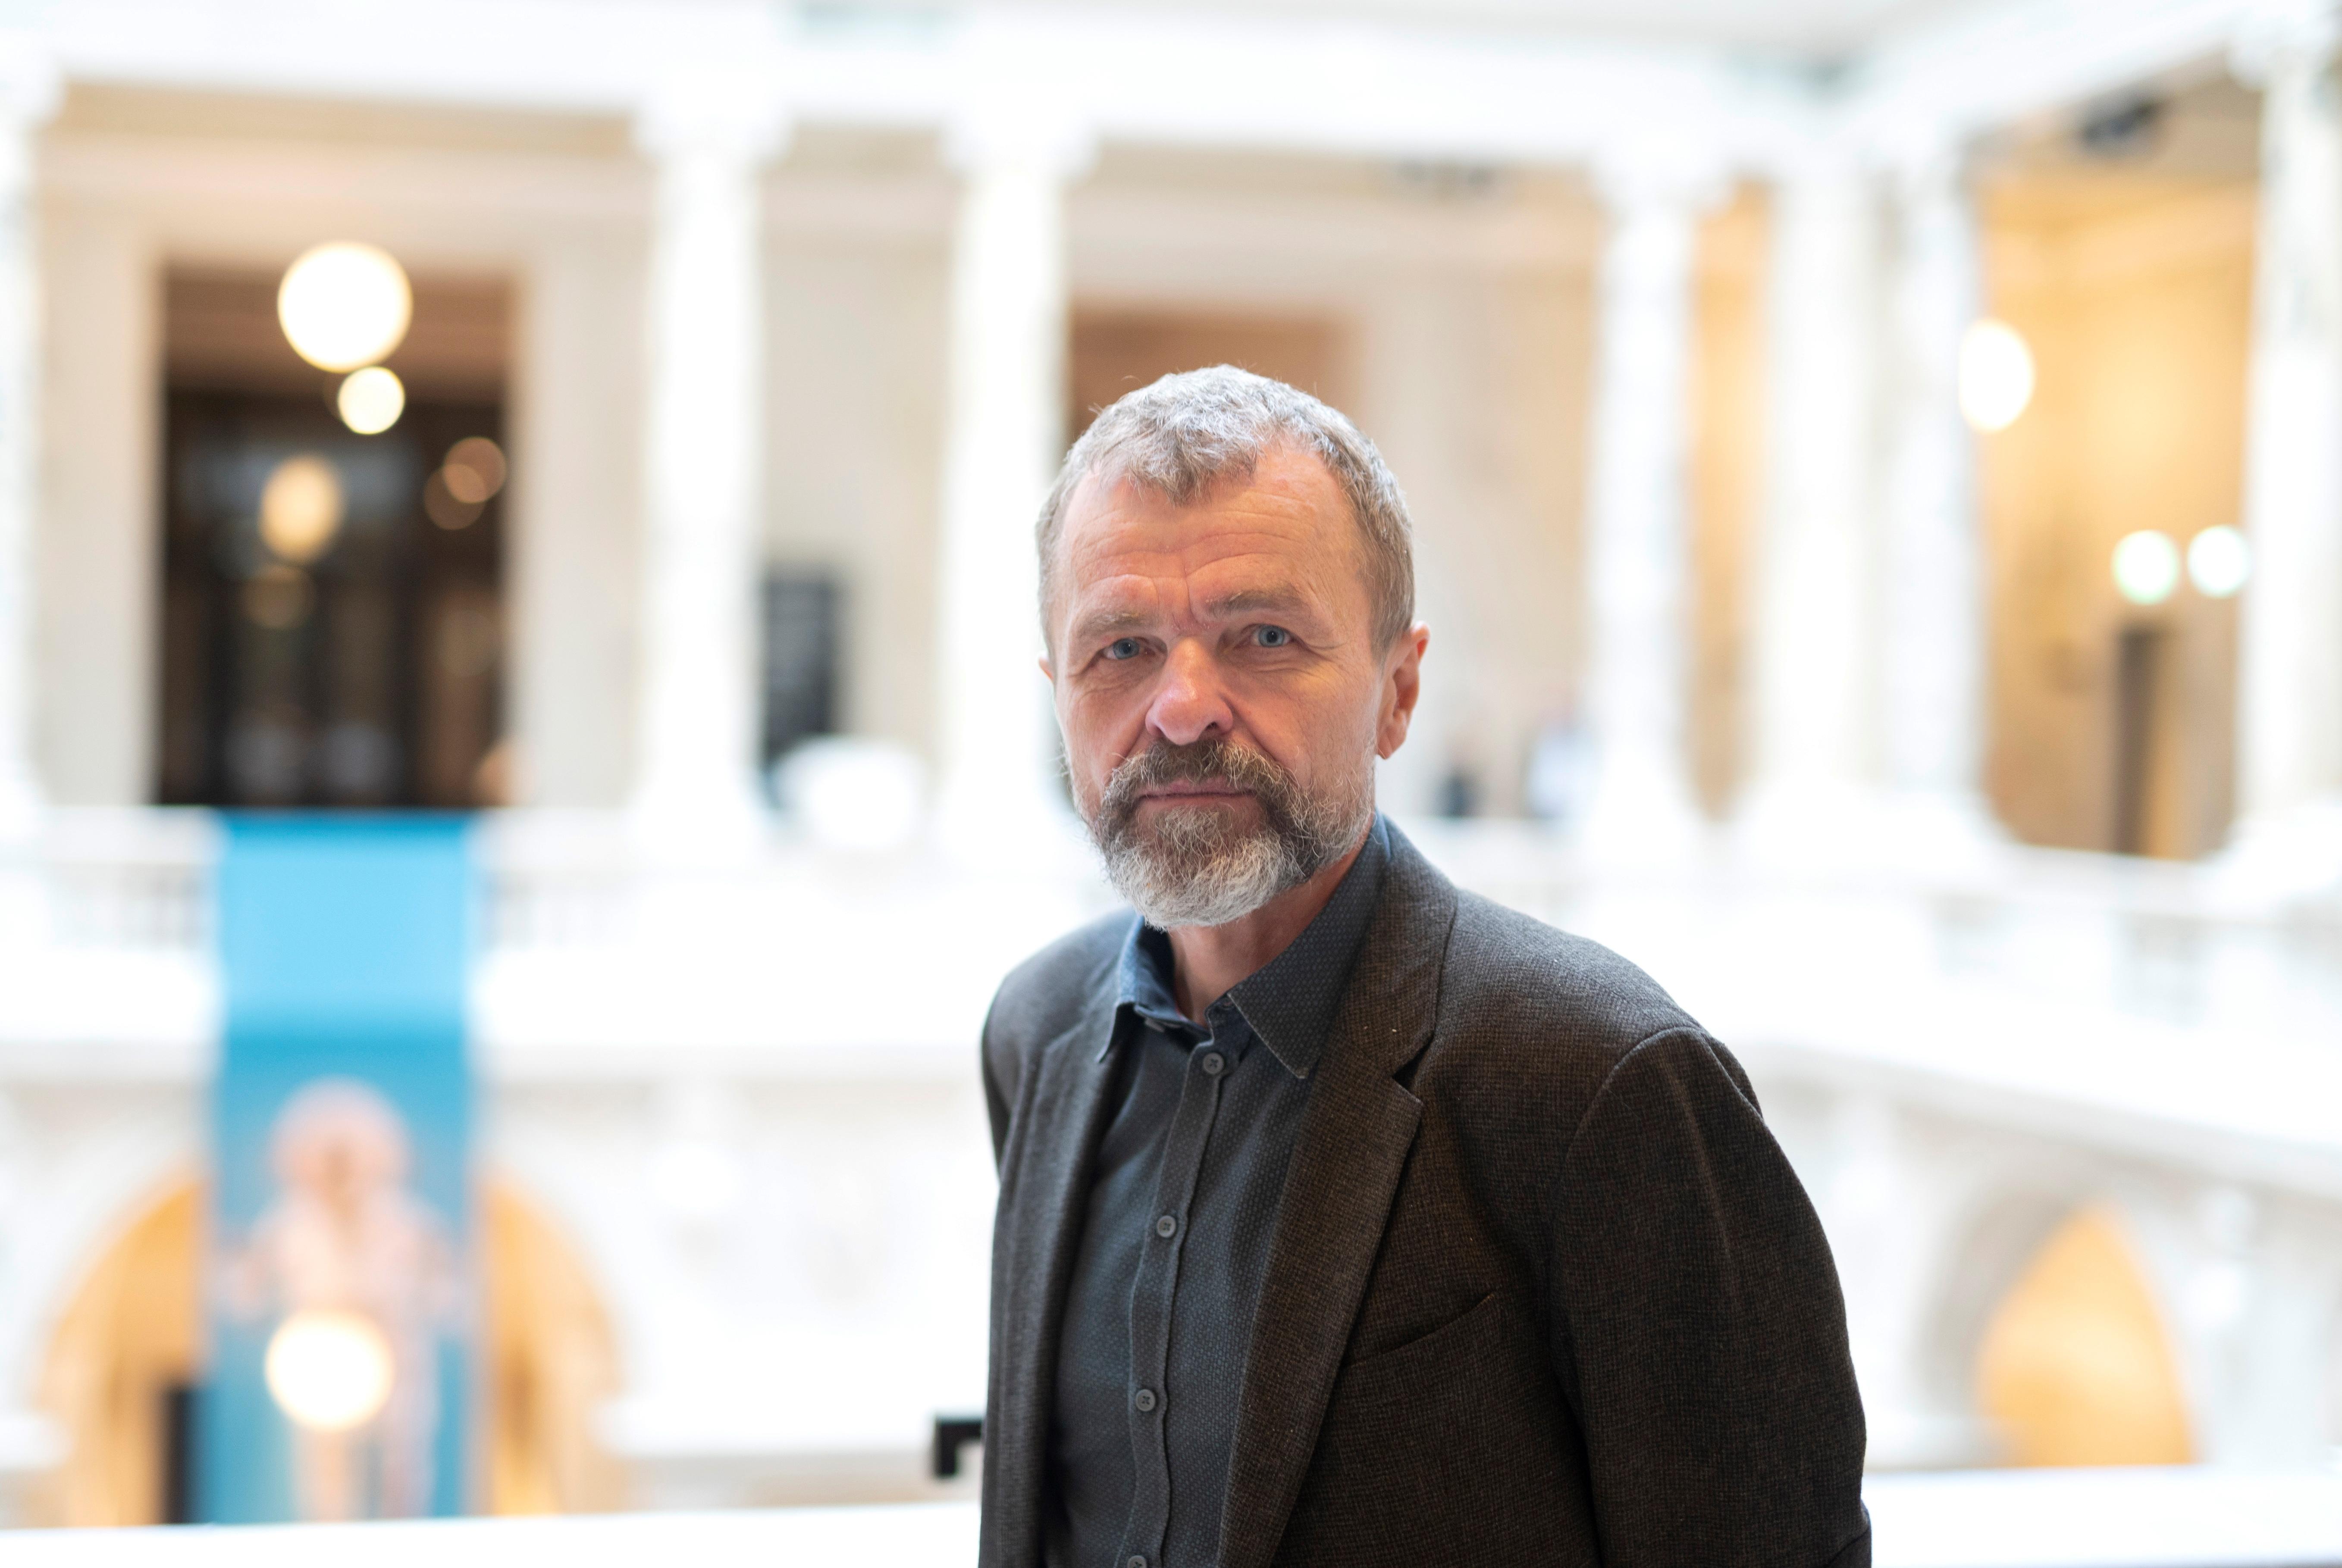 Christian Schicklgruber, director del Welt Museum, posa para una fotografía en el Museo de Etnología (Welt Museum) de Viena el 15 de octubre de 2020. (Foto: Joe Klamar / AFP)